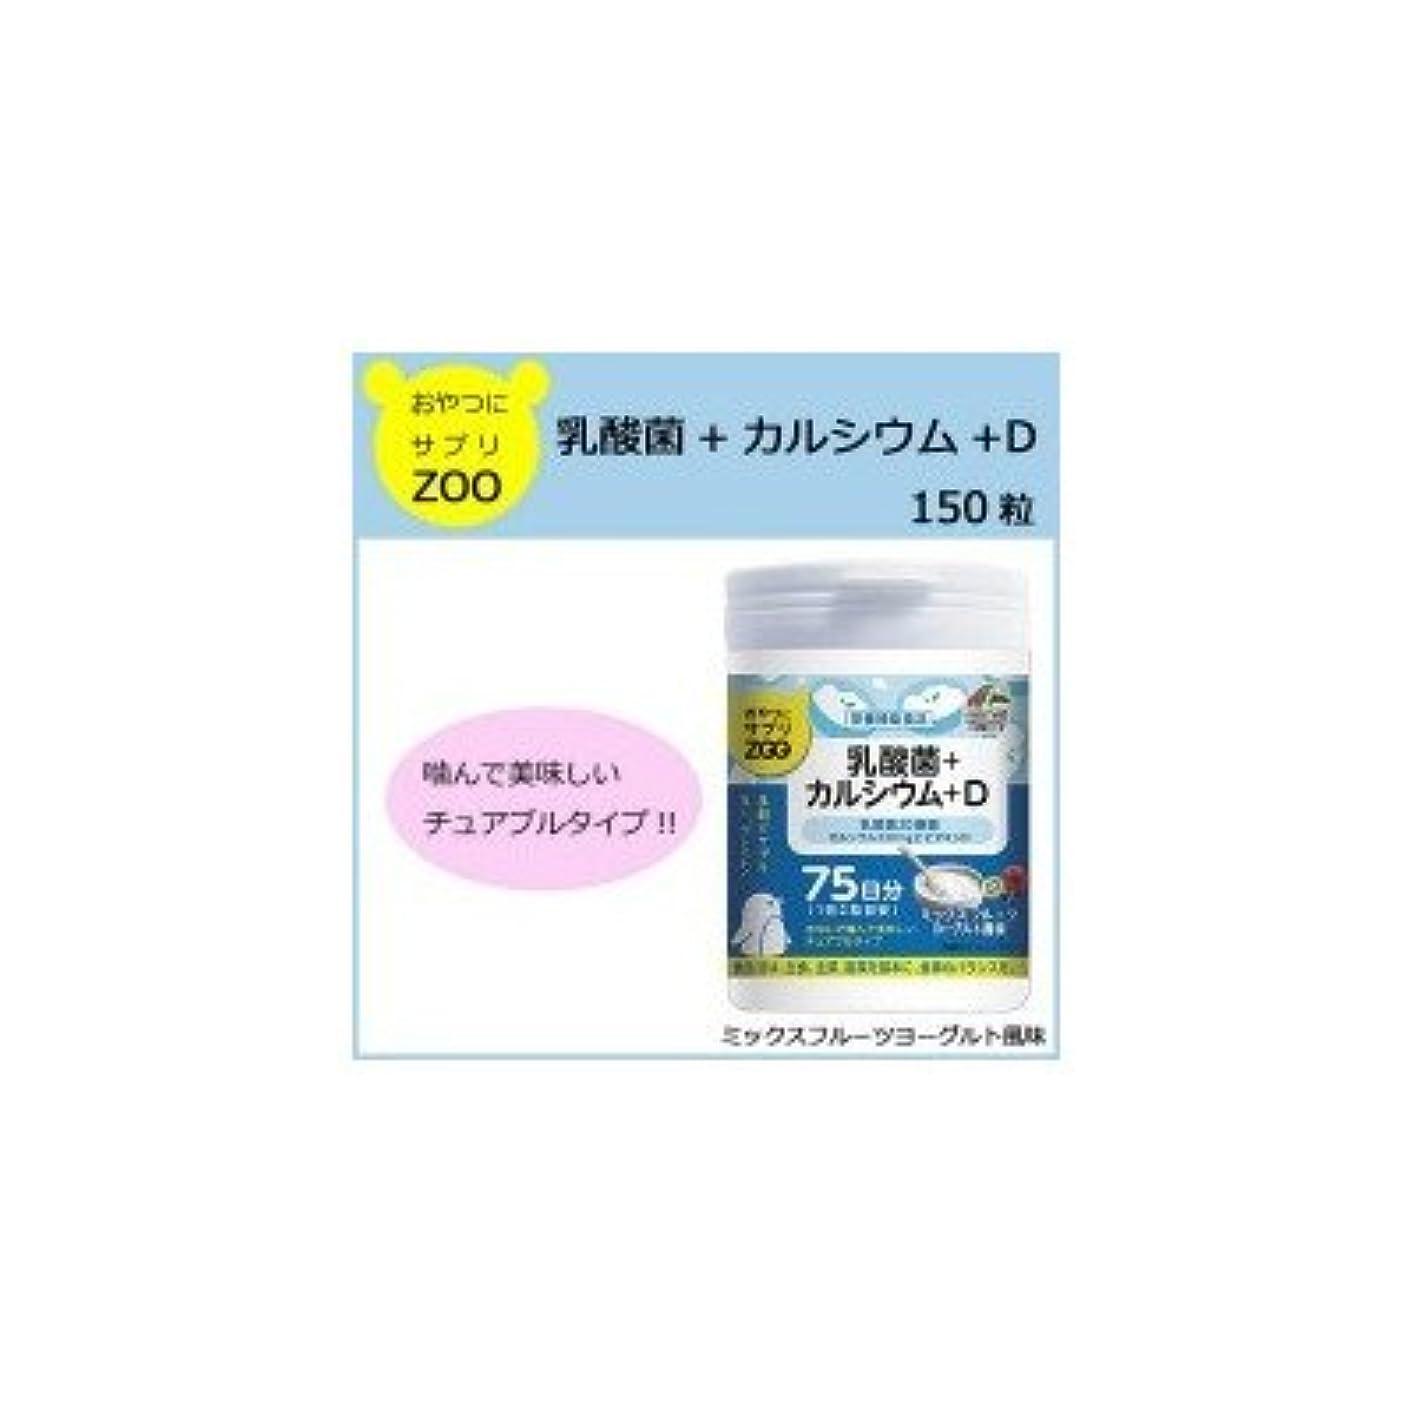 積極的にガチョウストロークユニマットリケン おやつにサプリZOO 乳酸菌+カルシウム+D 150粒